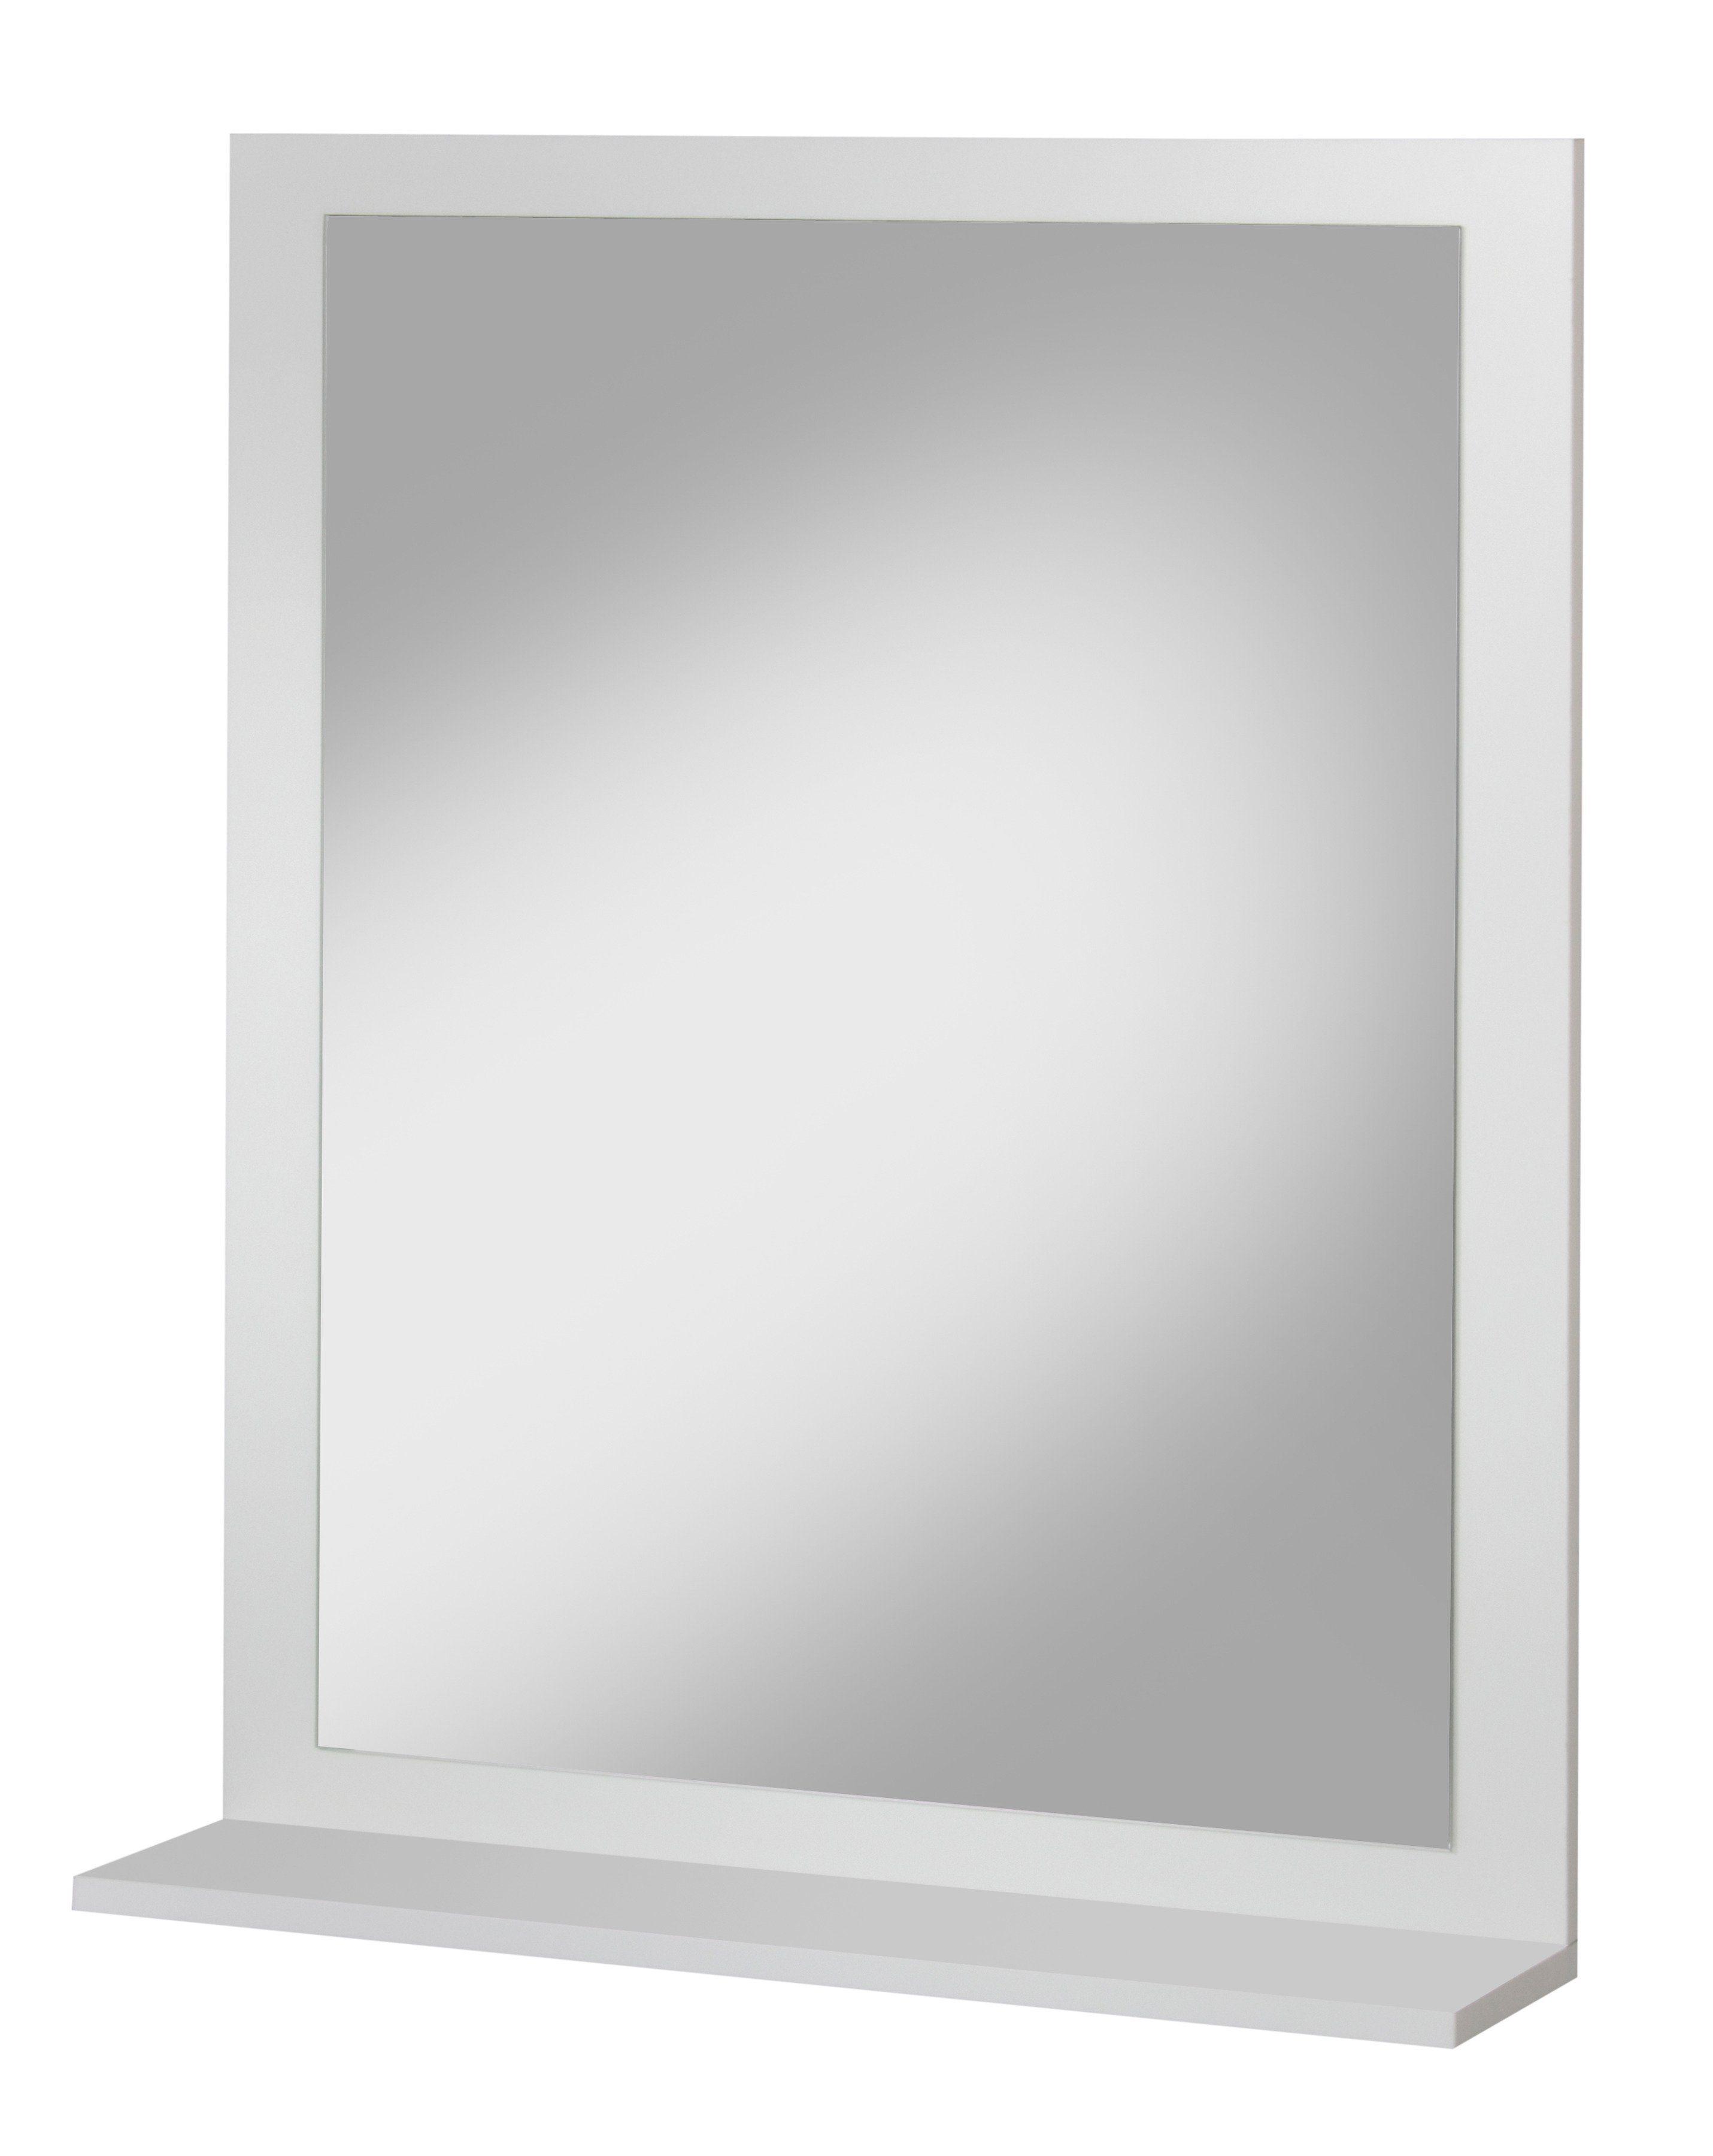 Kesper Spiegel / Badspiegel »Lugo« Breite 58,5 cm, mit Ablage